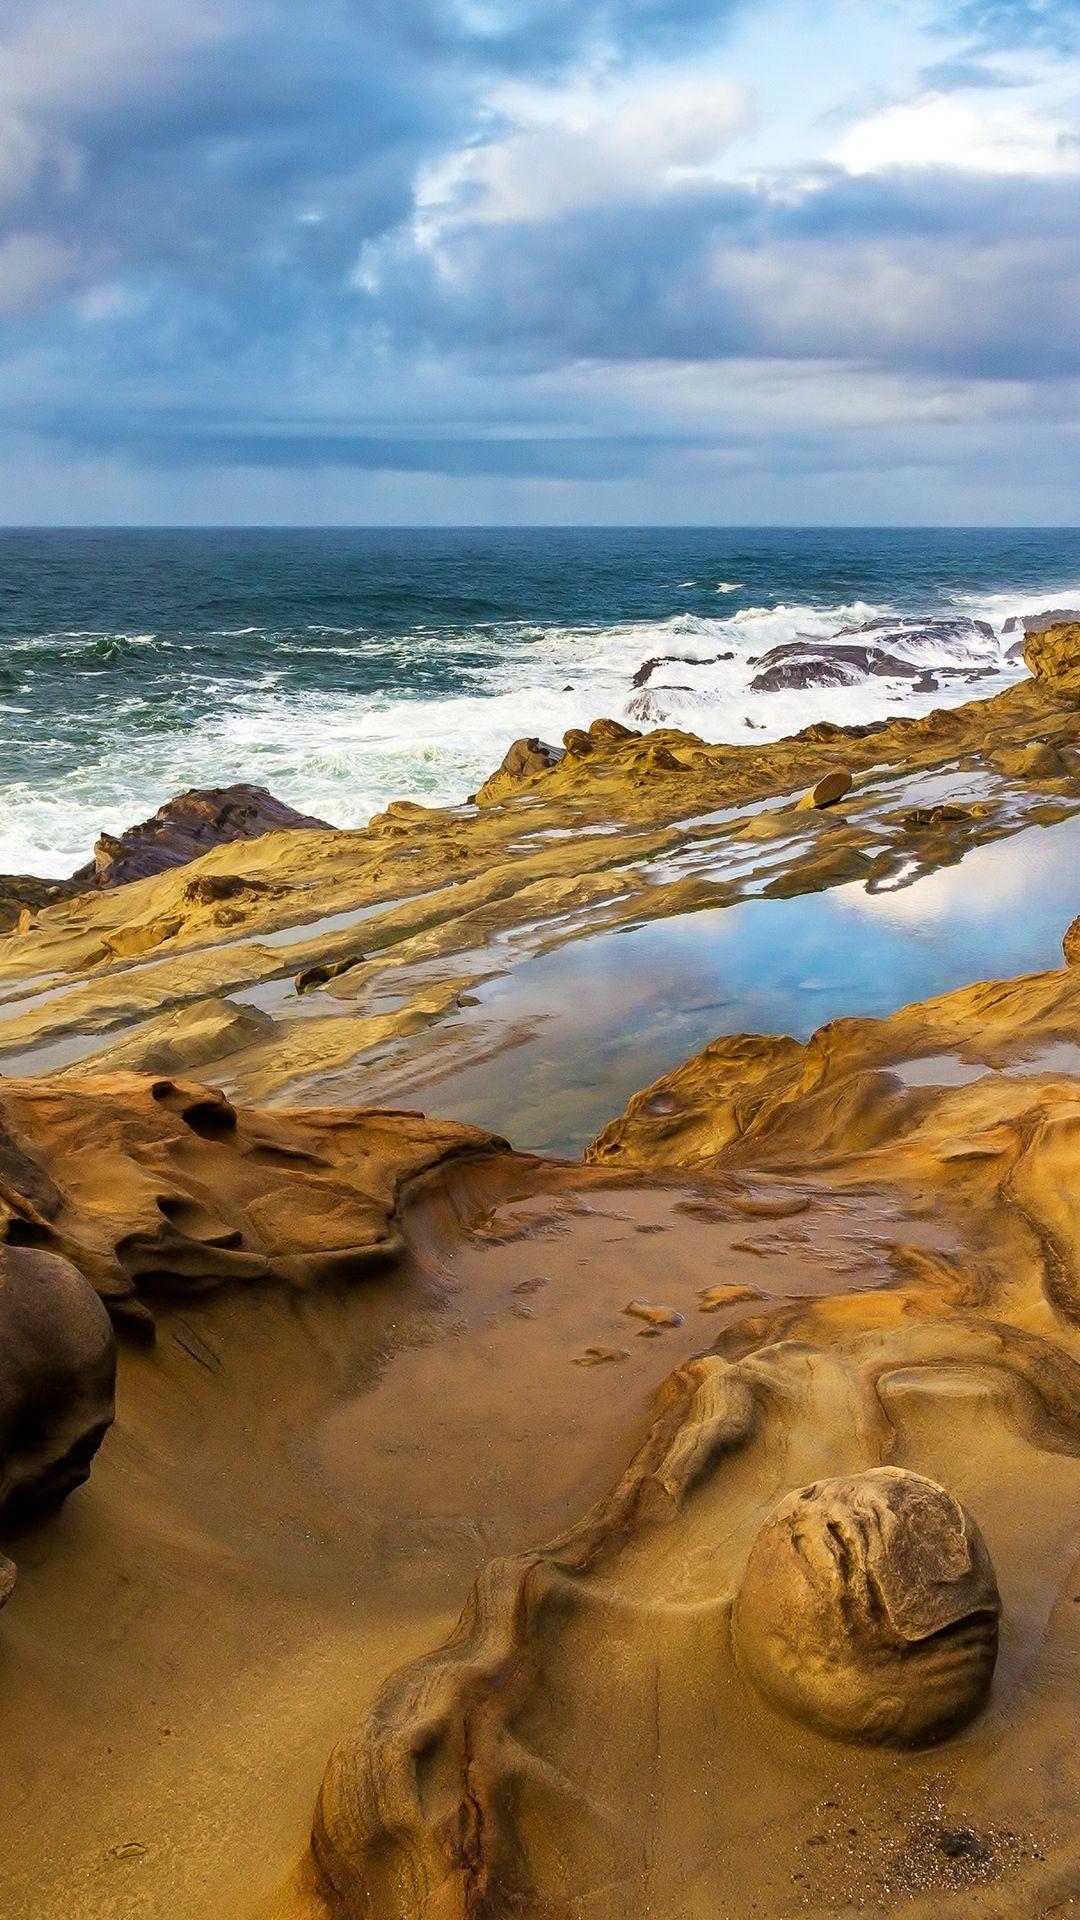 Landscape 4K Ultra HD Wallpaper Ocean landscape 4K Ultra